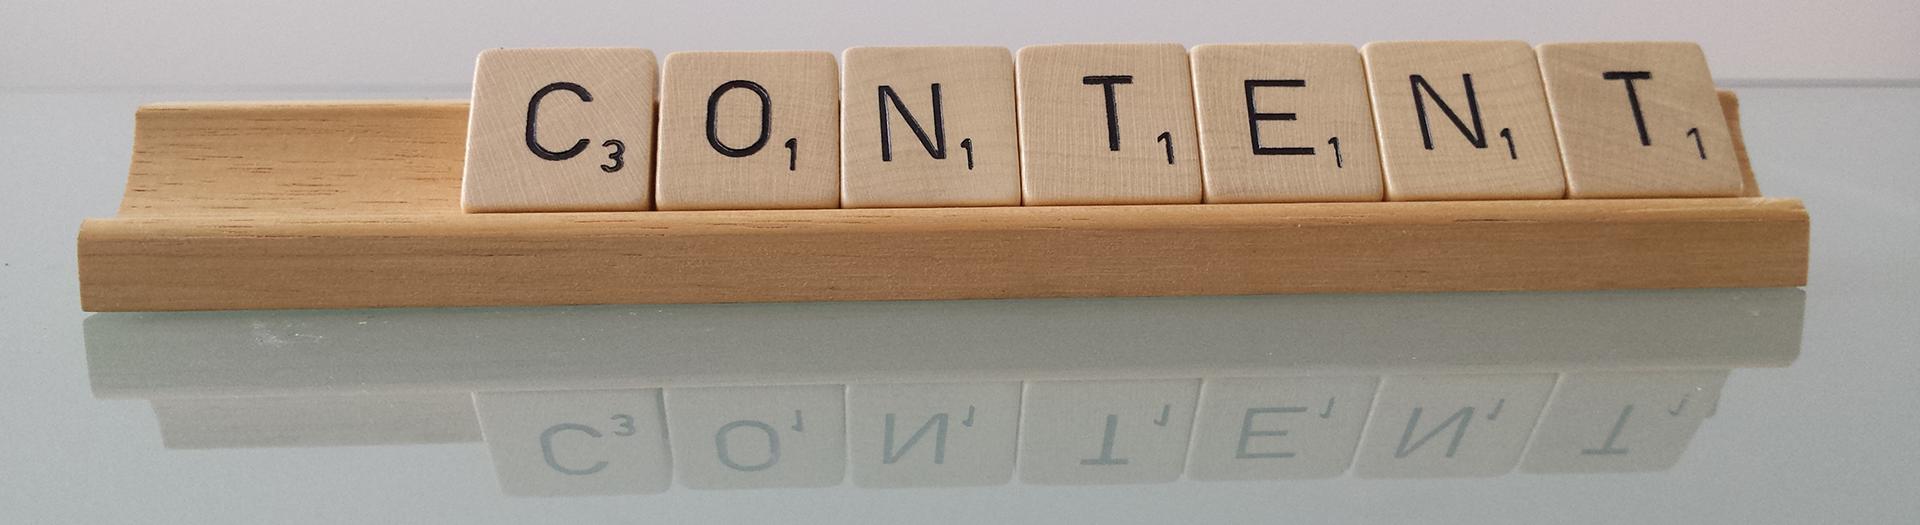 content-scrabble-letters